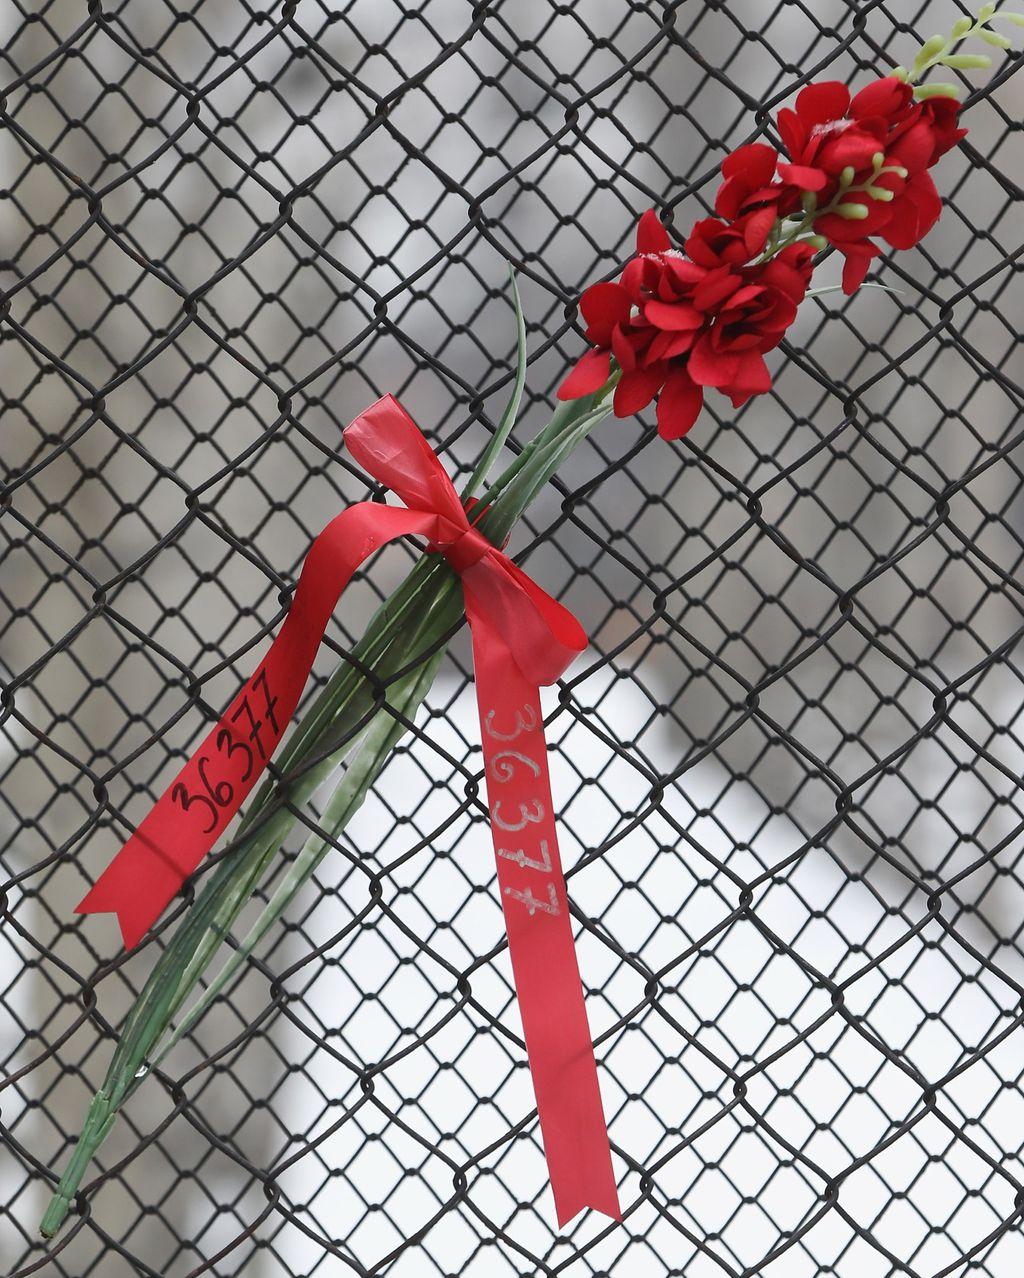 Cvijet na ogradi nekadašnjeg koncentracionog logora Auschwitz